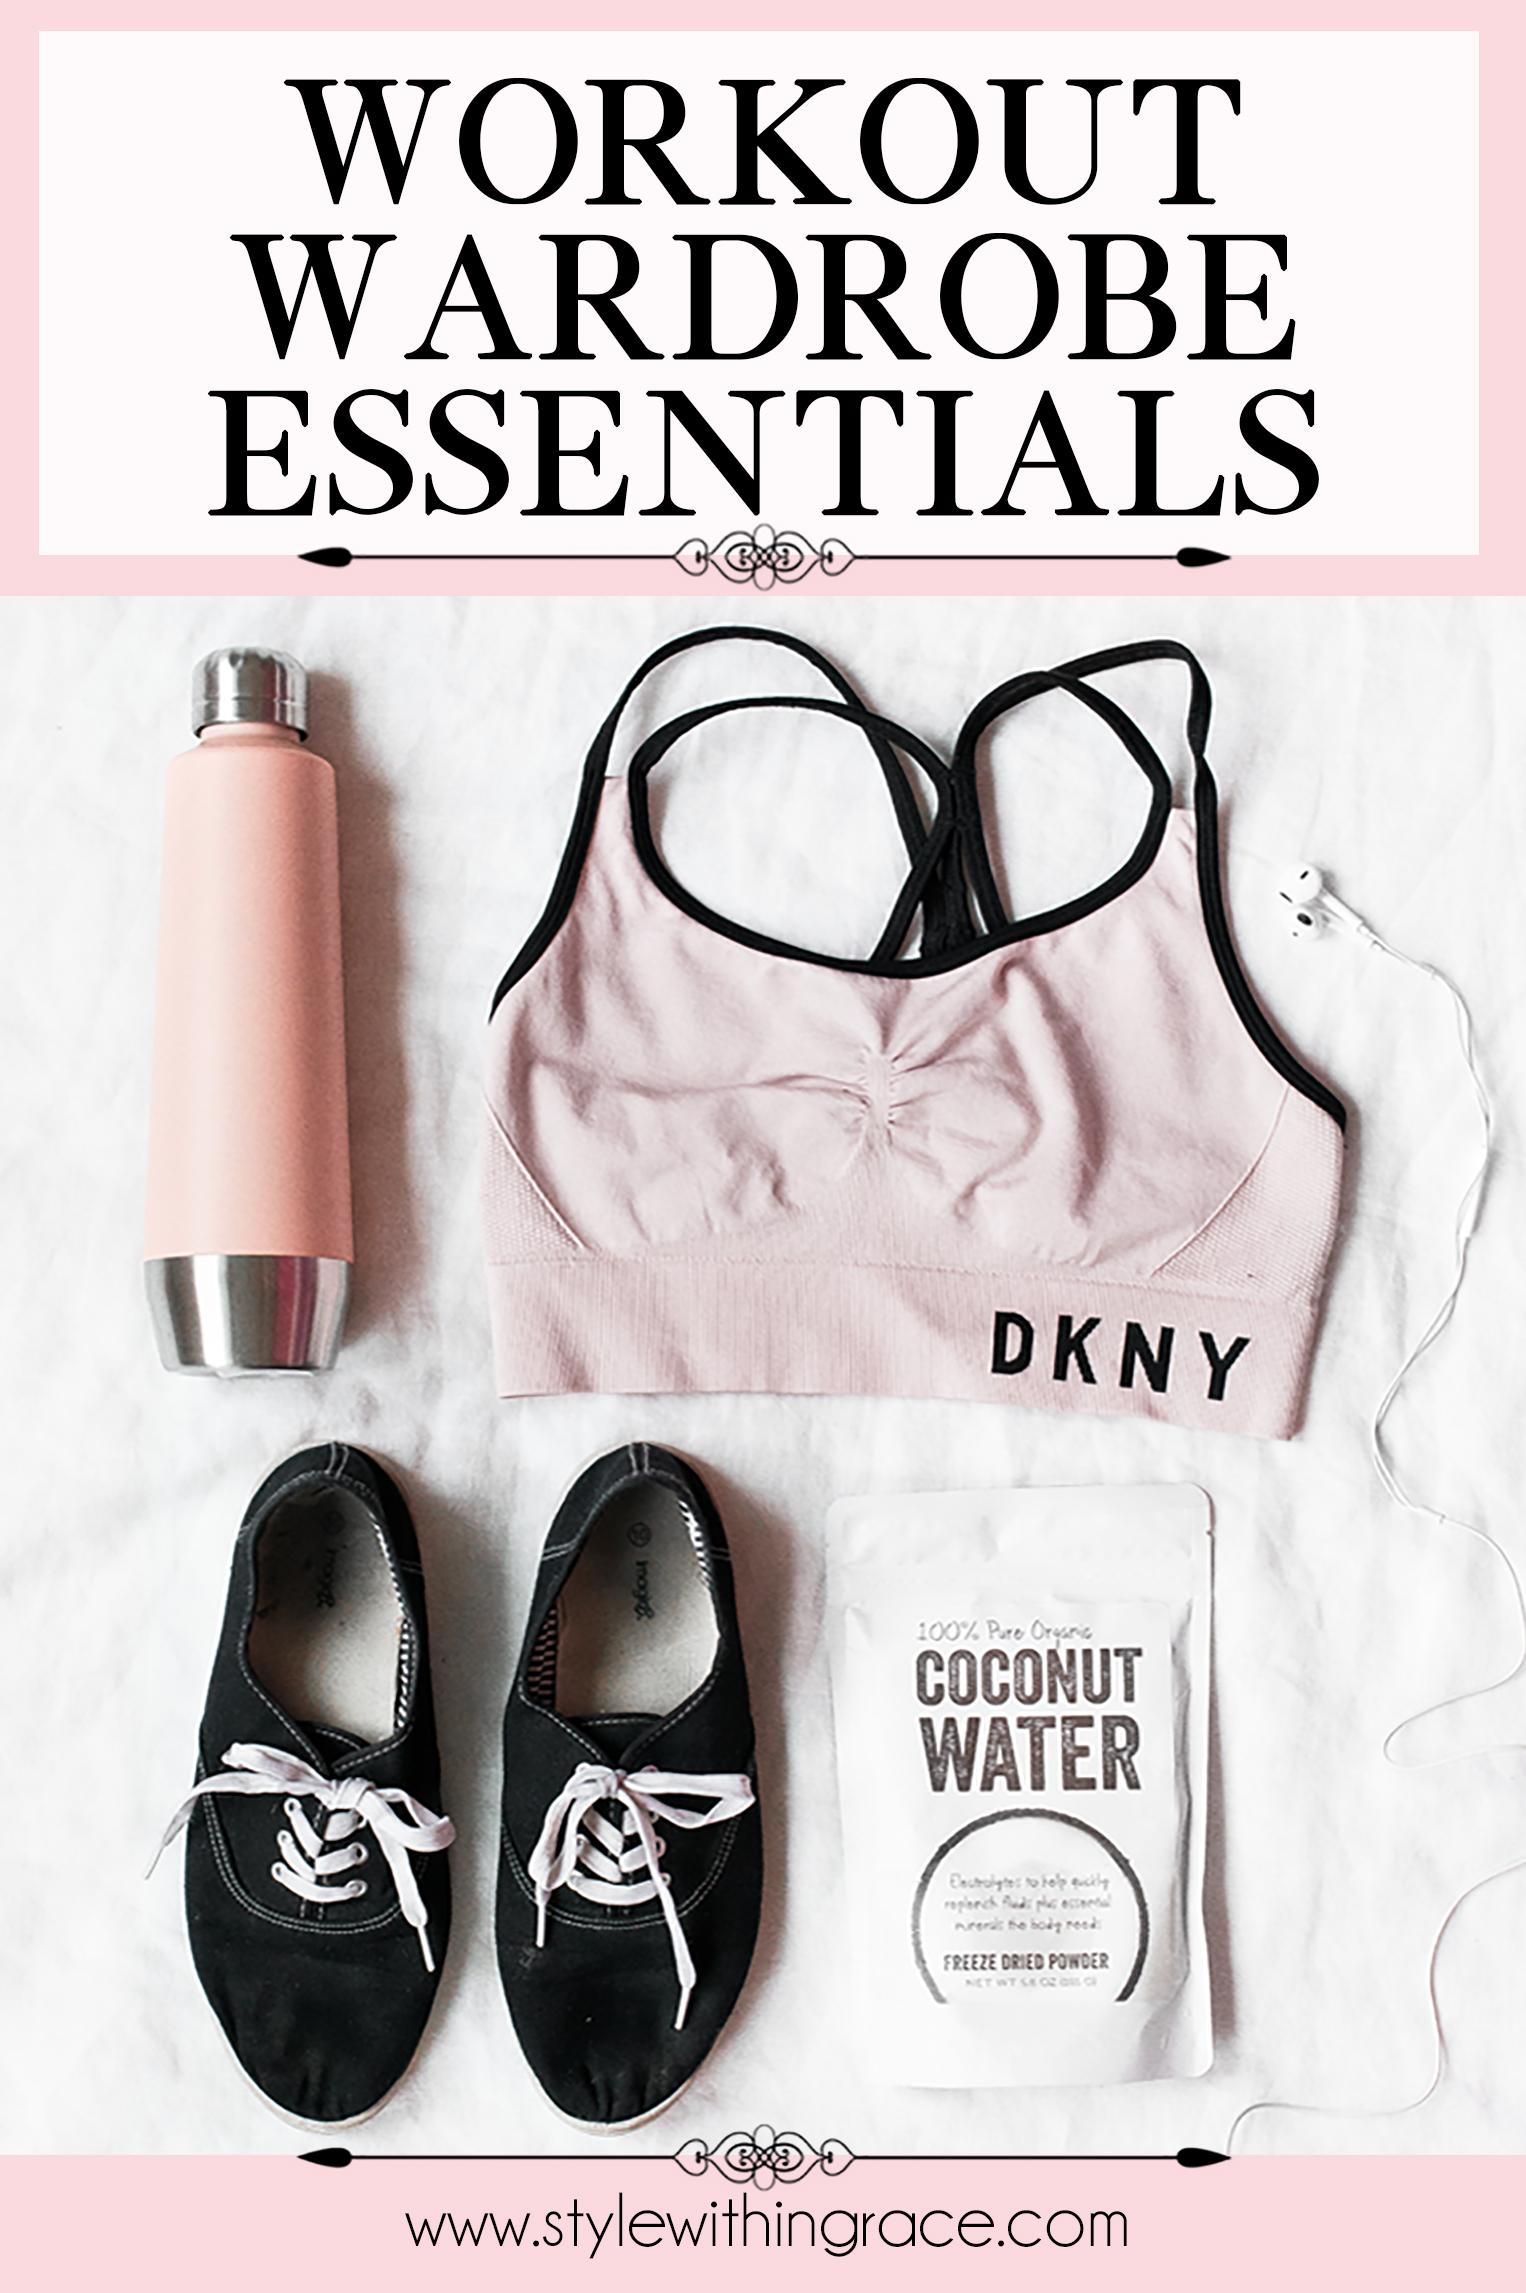 Workout Wardrobe Essentials Feature Image